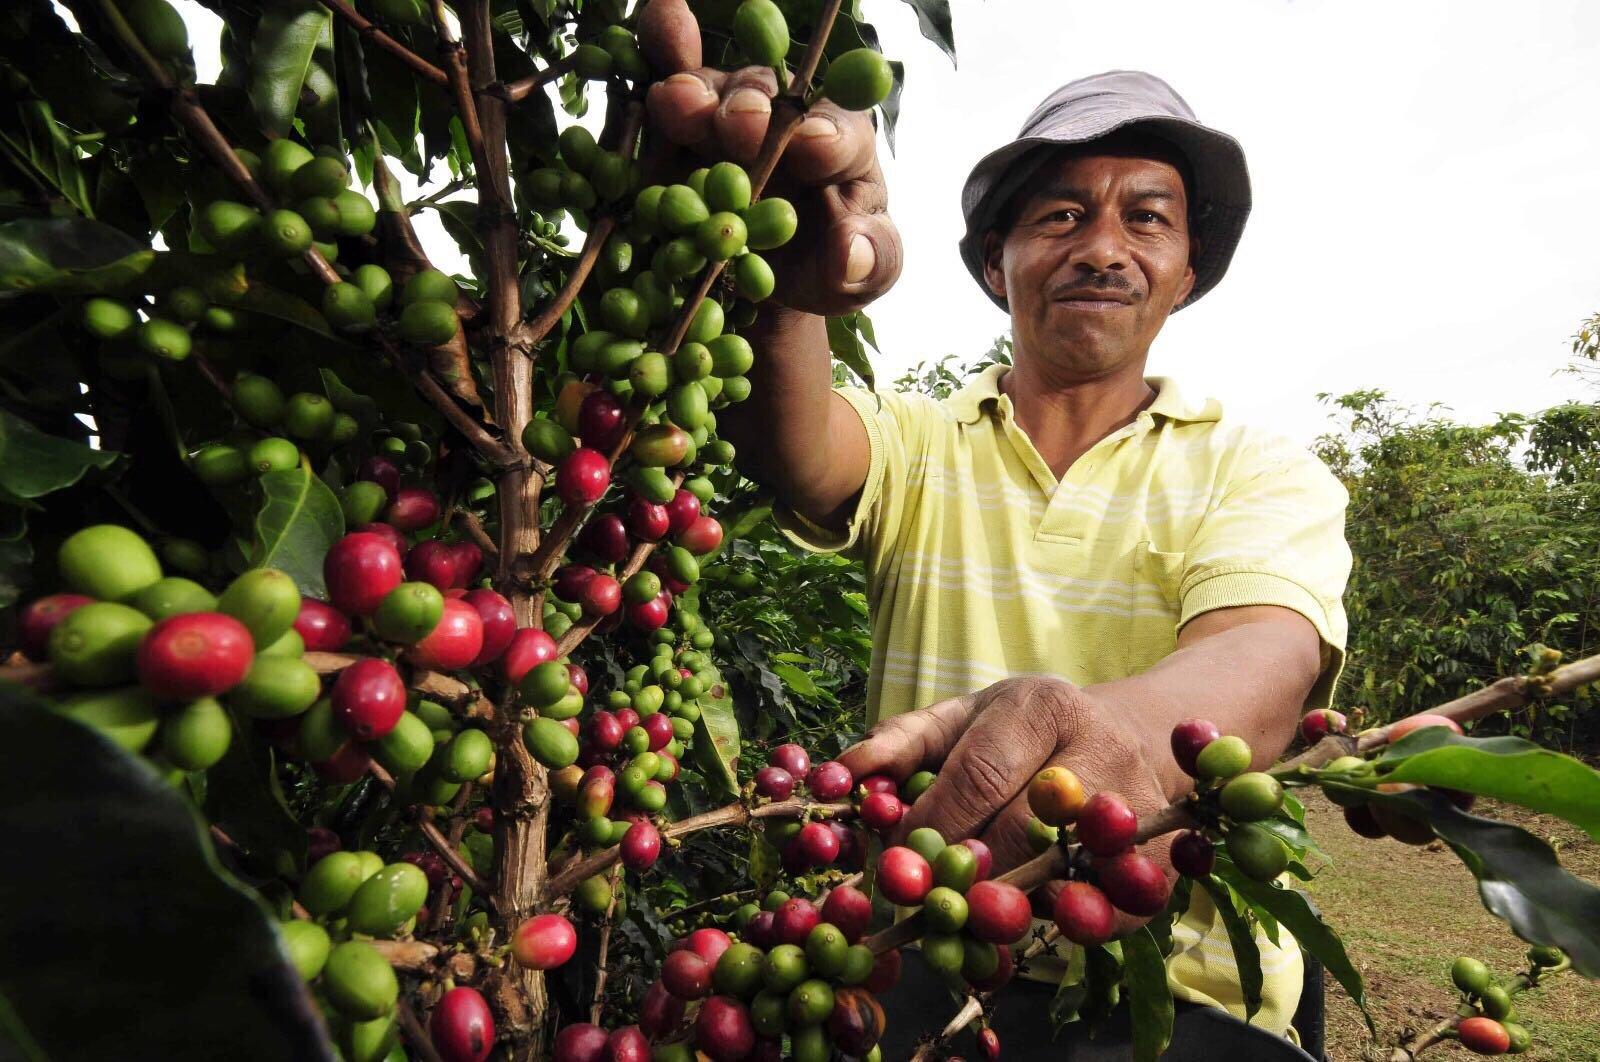 Coffee farmer